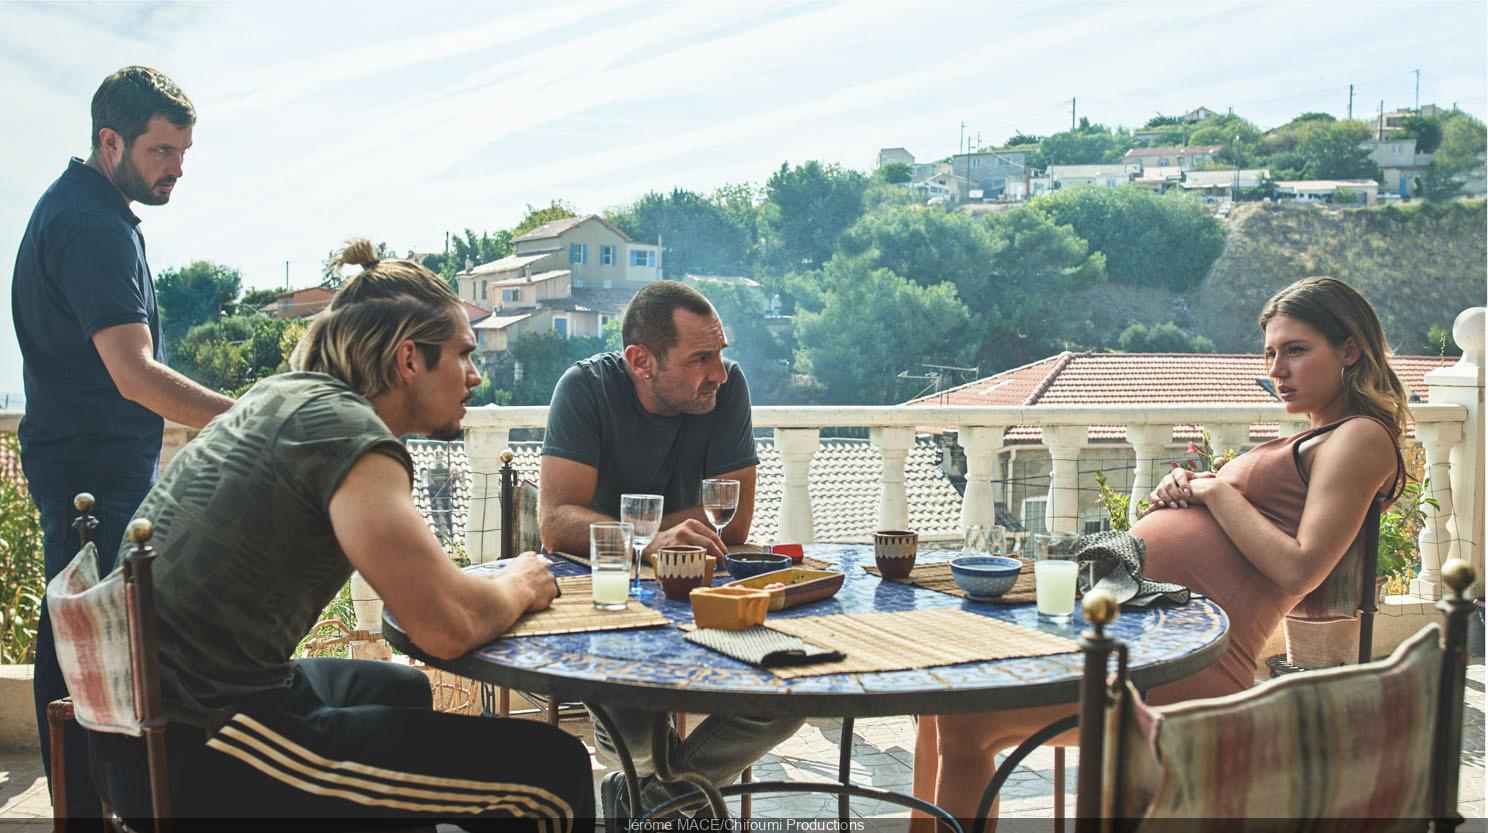 Bac Nord, avec Gilles Lellouche et François Civil : critique et  bande-annonce - Sortiraparis.com